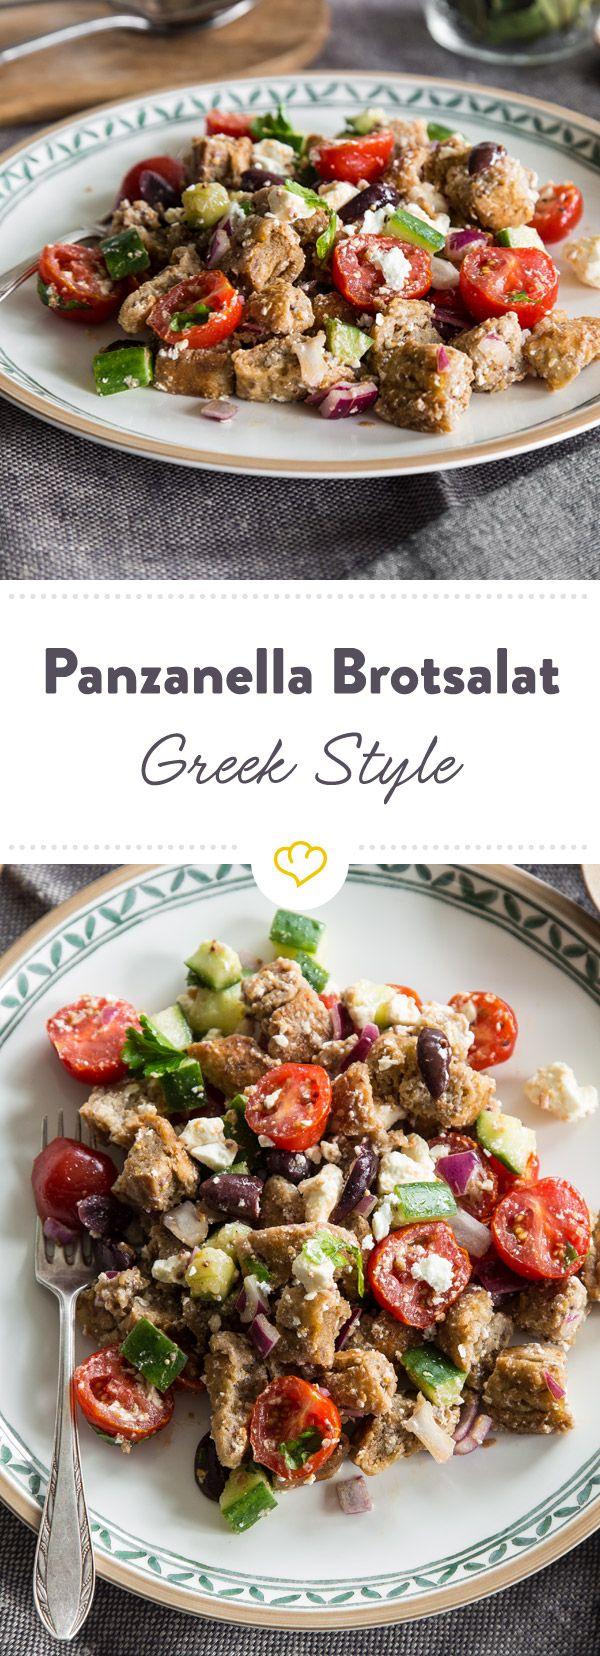 Italien trifft Griechenland. Zum Brotsalat aus der Toskana gesellen sich Tomaten, Gurken, Zwiebeln, Oliven und ganz klar – Feta! Dazu noch ein Dressing aus Dijon Senf und fertig ist der Sattmacher-Salat!